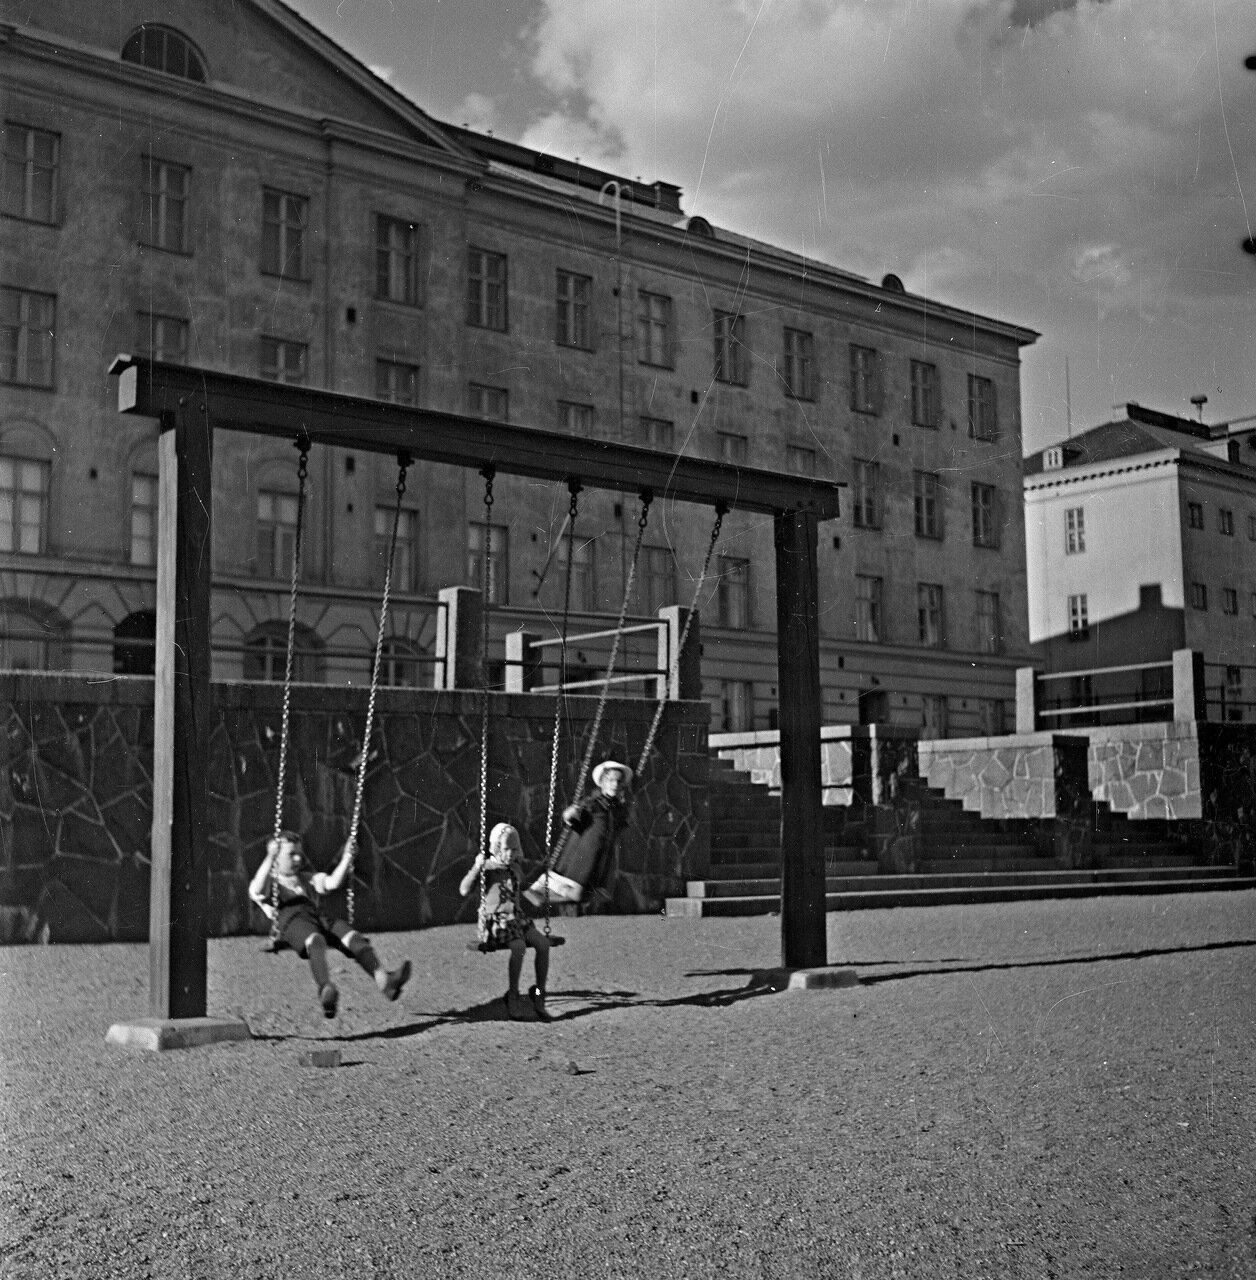 1941. 20 июня. Детская площадка во дворе дома.